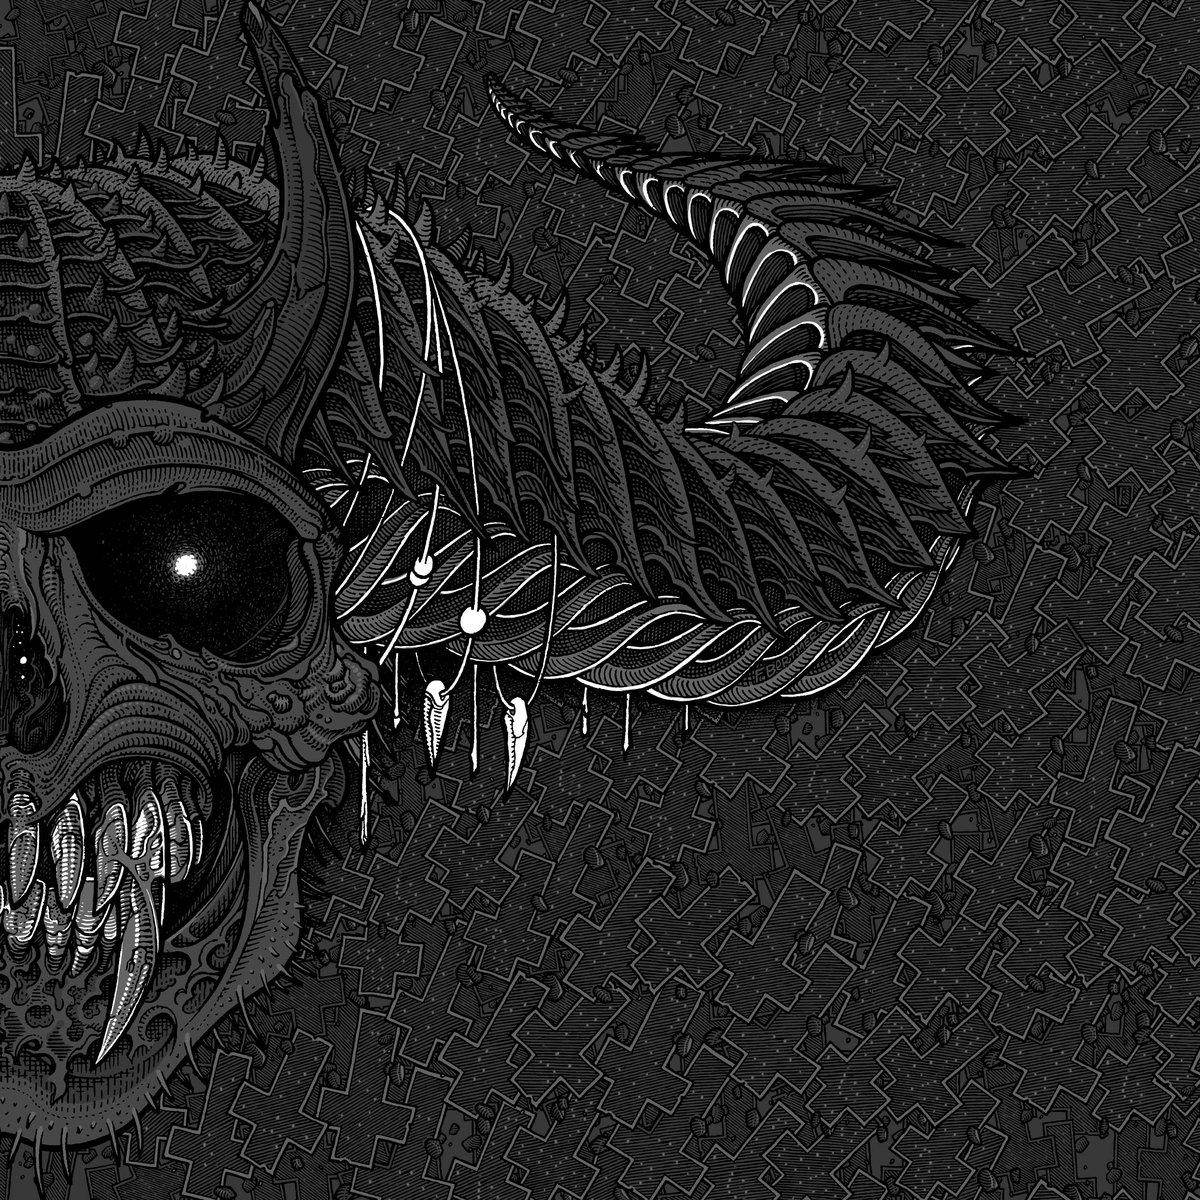 doomriders darkness come alive download